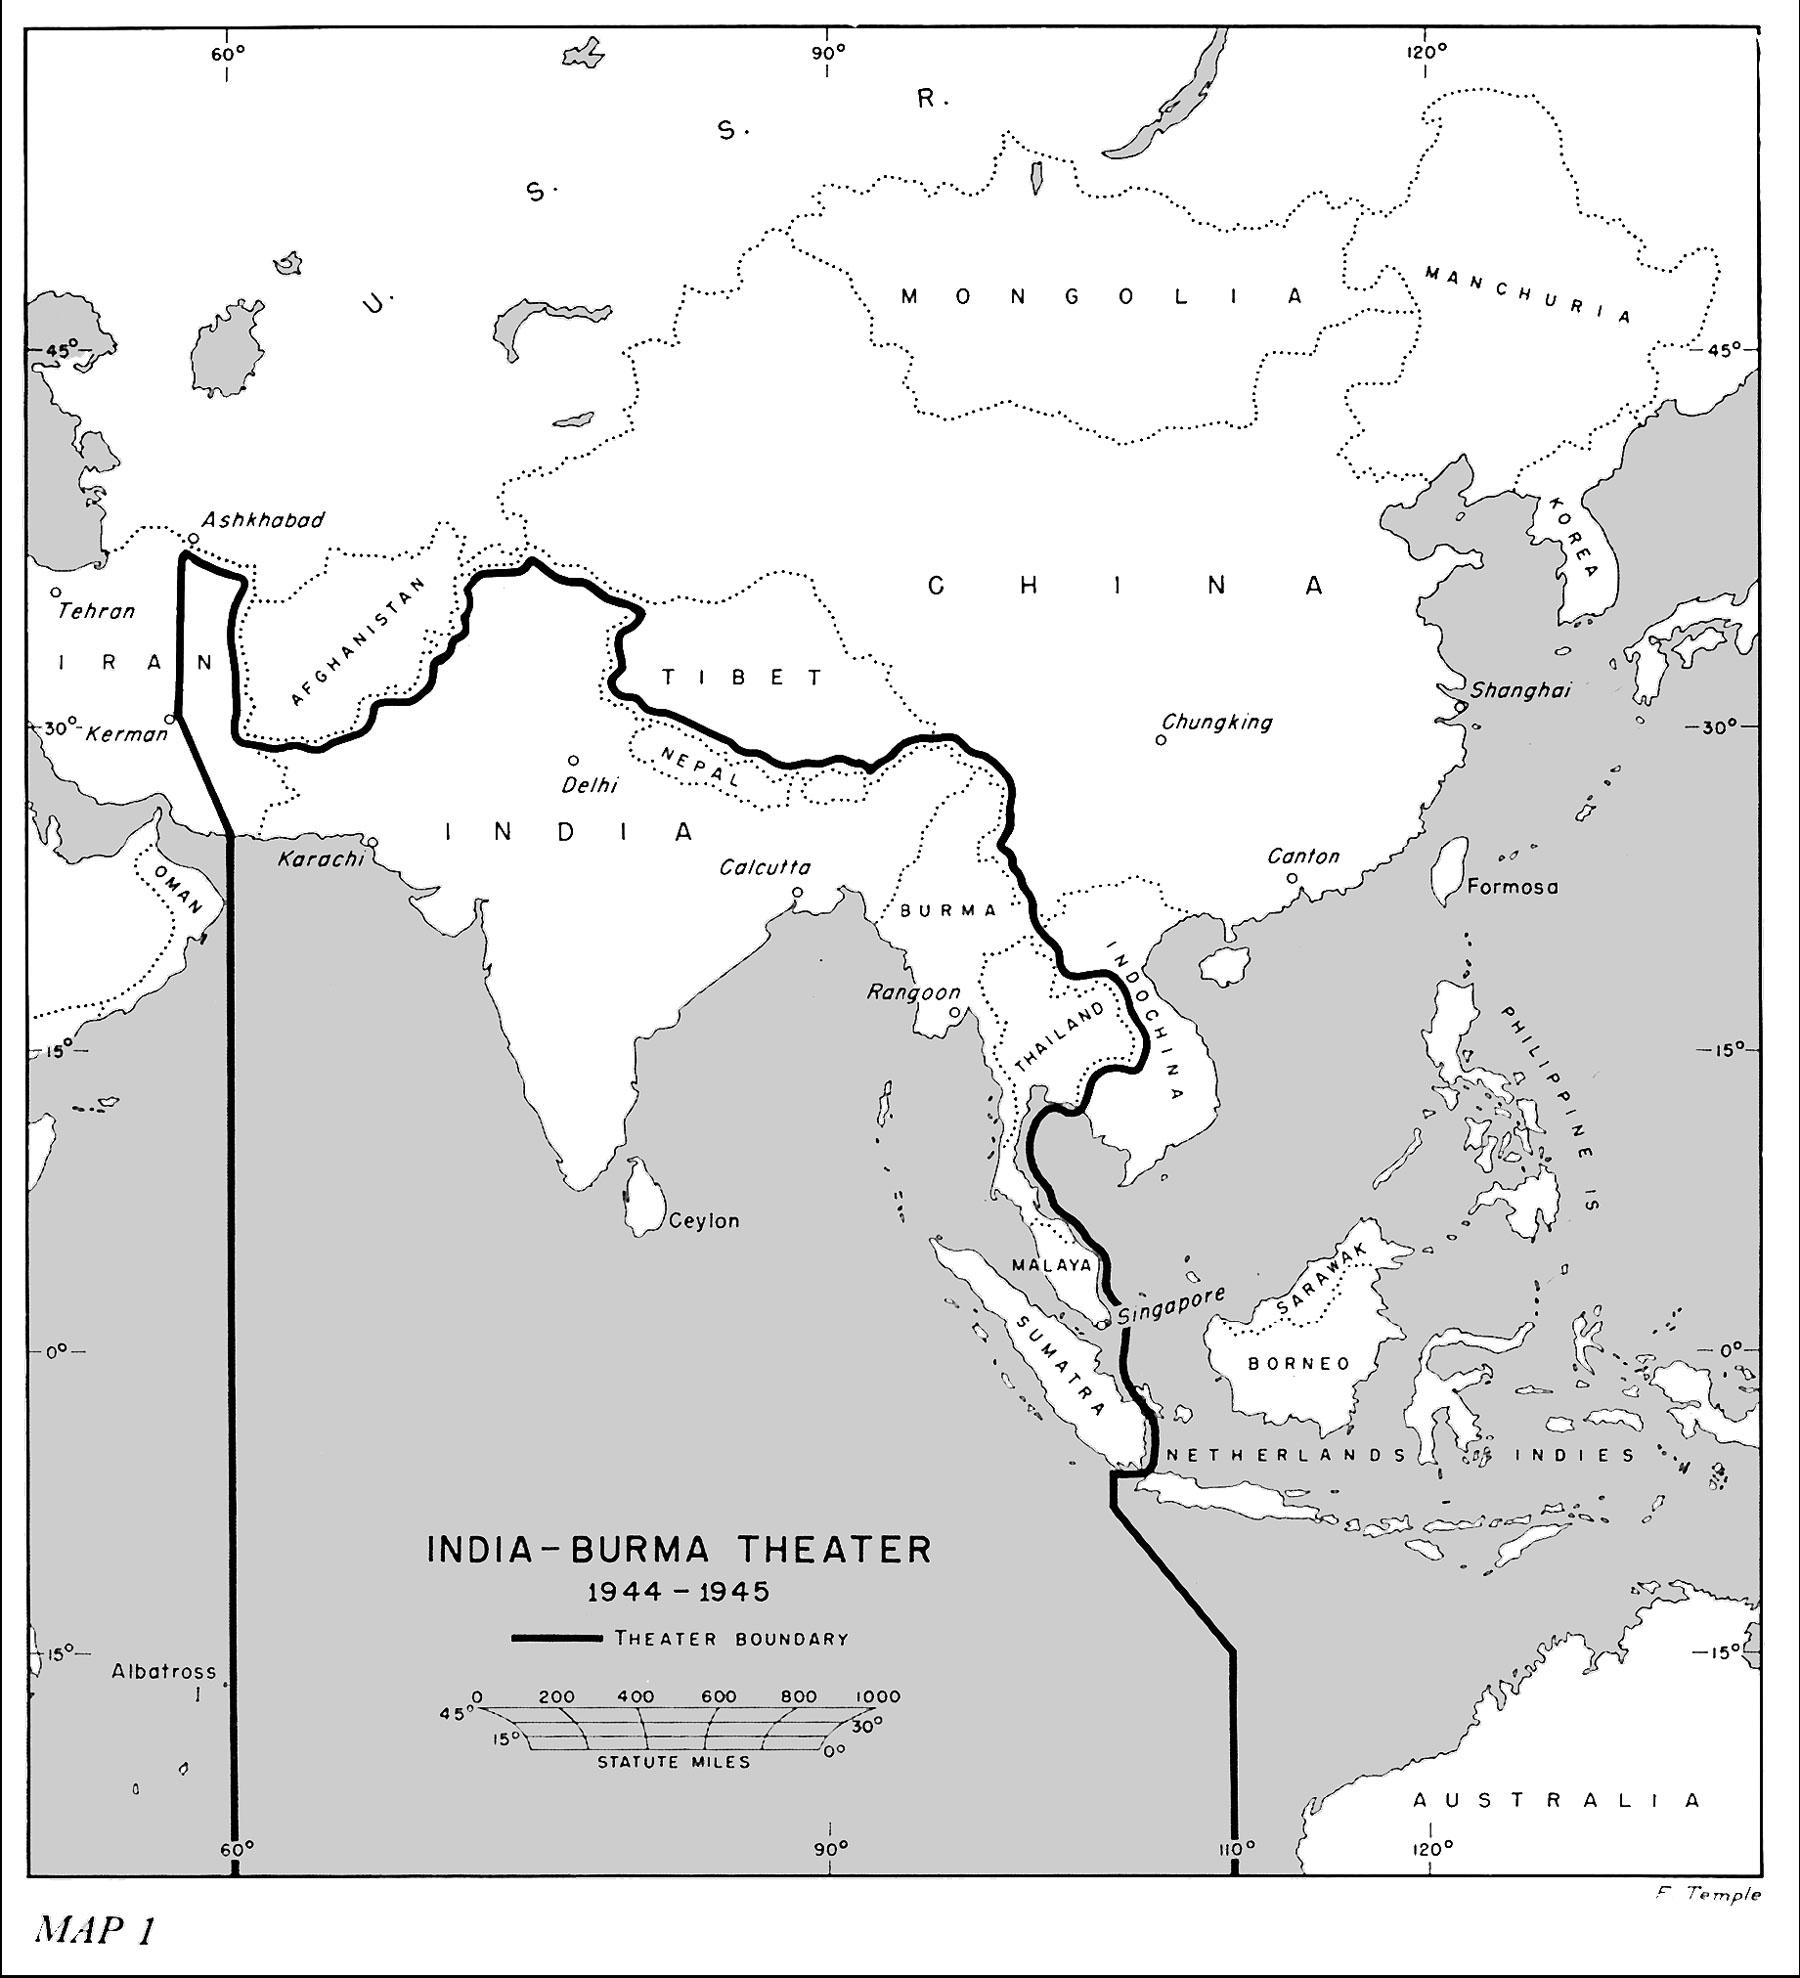 india burma theater 1944 1945